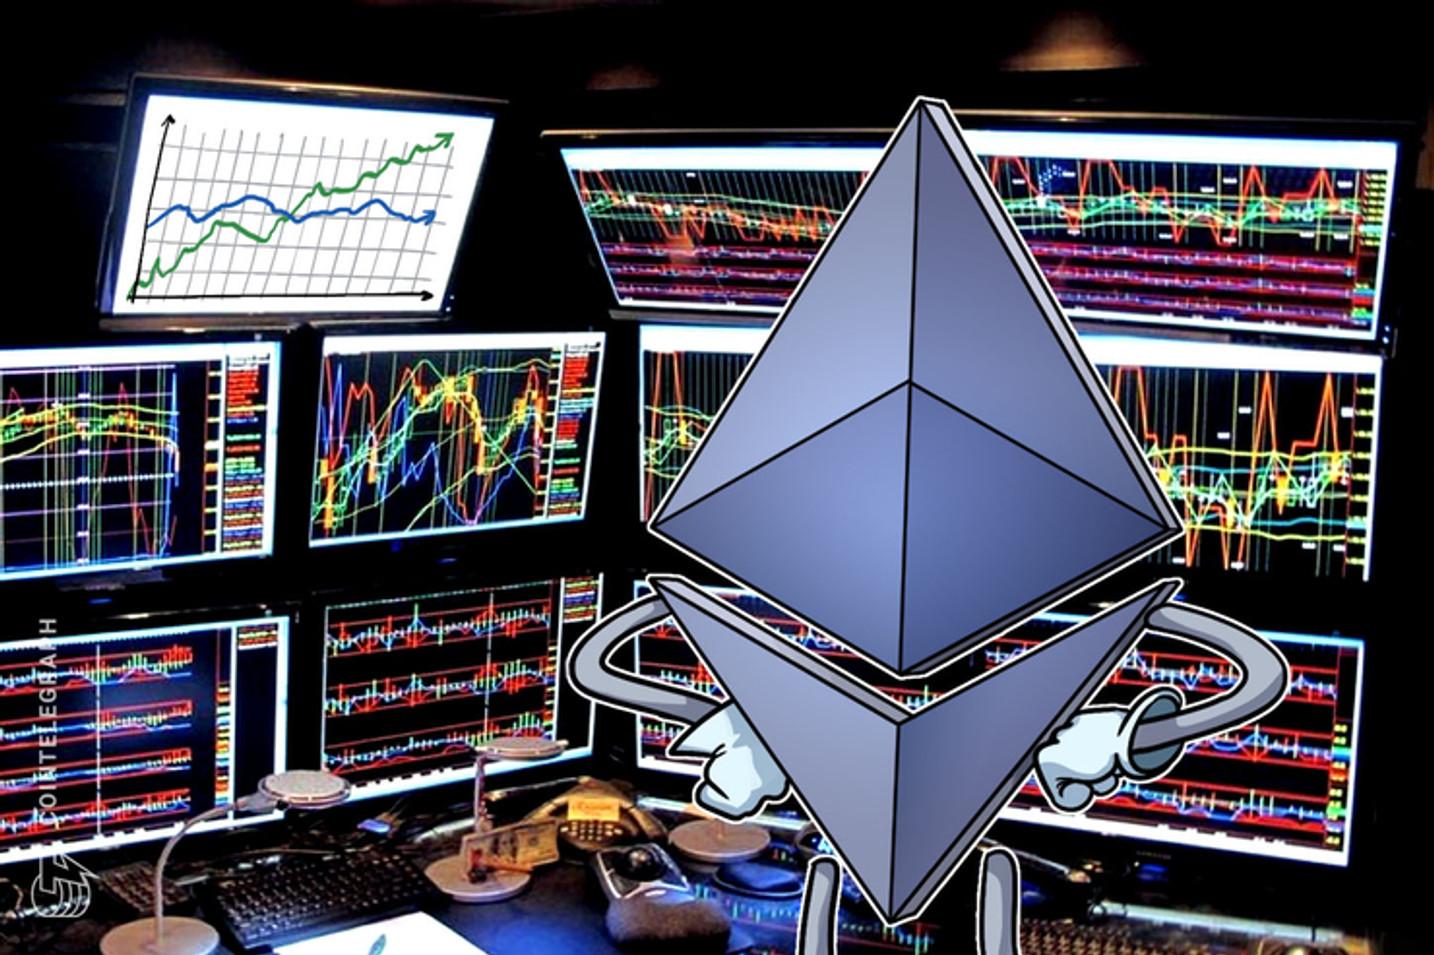 Vontobel emittiert erstes Aktien-Tracker-Zertifikat auf Ethereum-Blockchain